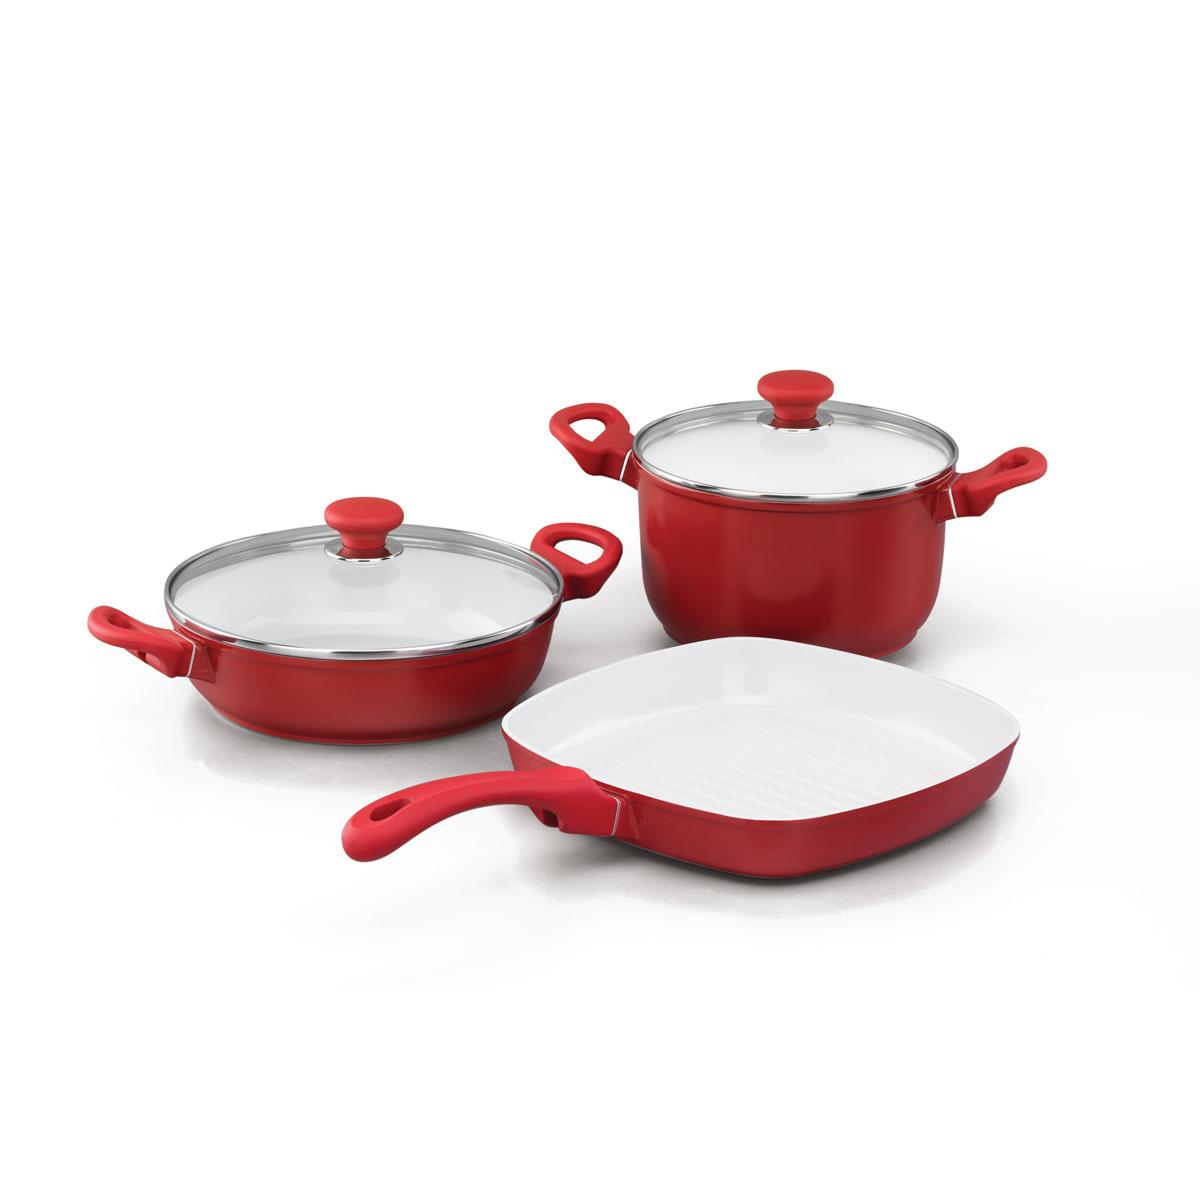 Набор посуды Korkmaz Seravita с керамическим покрытием, цвет: красный, 3 предмета68/5/3Набор посуды Korkmaz Seravita состоит из кастрюли с крышкой, сотейника с крышкой и сковороды-гриля. Внешнее покрытие красного цвета, внутреннее покрытие - белого цвета. Керамическое внутреннее и наружное покрытие нагревается до +450°С, чрезвычайно устойчиво к механическому воздействию, не выделяет токсичных паров при готовке, не содержит тяжелых металлов (таких как свинец и кадмий), легко моется. При готовке на керамическом покрытии пища не пристает и не пригорает, а масла требуется вдвое меньше по сравнению с другими покрытиями, что позволяет приготовить здоровую, вкусную и полезную пищу без лишних жиров и оксидантов. Кроме того, покрытие абсолютно экологично, так как не содержит тефлоновые составляющие PTFE и PFOA. Основа из высокопрочного алюминия позволяет изделиям быстро нагреваться до высокой температуры и равномерно распределять тепло по всей поверхности. Высокая теплопроводность позволяет быстро готовить даже на медленном огне, а значит, витамины и полезные микроэлементы не разрушаются и остаются в пище, что делает ее здоровой и полезной. Изделия оснащены удобными ручками с прорезиненным покрытием красного цвета. Крышки, изготовленные из удароустойчивого жаропрочного стекла, имеют отверстия для выхода пара и металлические ободы.Можно использовать на газовых, электрических, стеклокерамических плитах. Не подходит для индукционных и галогенных плит. Можно мыть в посудомоечной машине. Во время мытья не следует применять жесткую металлическую щетку или агрессивные моющие средства во избежание повреждения покрытия и поверхности. Характеристики: Материал: алюминий, резина, стекло. Цвет: красный, белый. Объем кастрюли: 3,5 л. Внутренний диаметр кастрюли: 20 см. Высота стенки кастрюли: 11 см. Объем сотейника: 2,6 л. Внутренний диаметр сотейника: 24 см. Высота стенки сотейника: 6 см. Объем сковороды: 2 л. Внутренний размер сковороды: 26 см х 26 см. Высота стенки сковороды: 4,5 см. Д